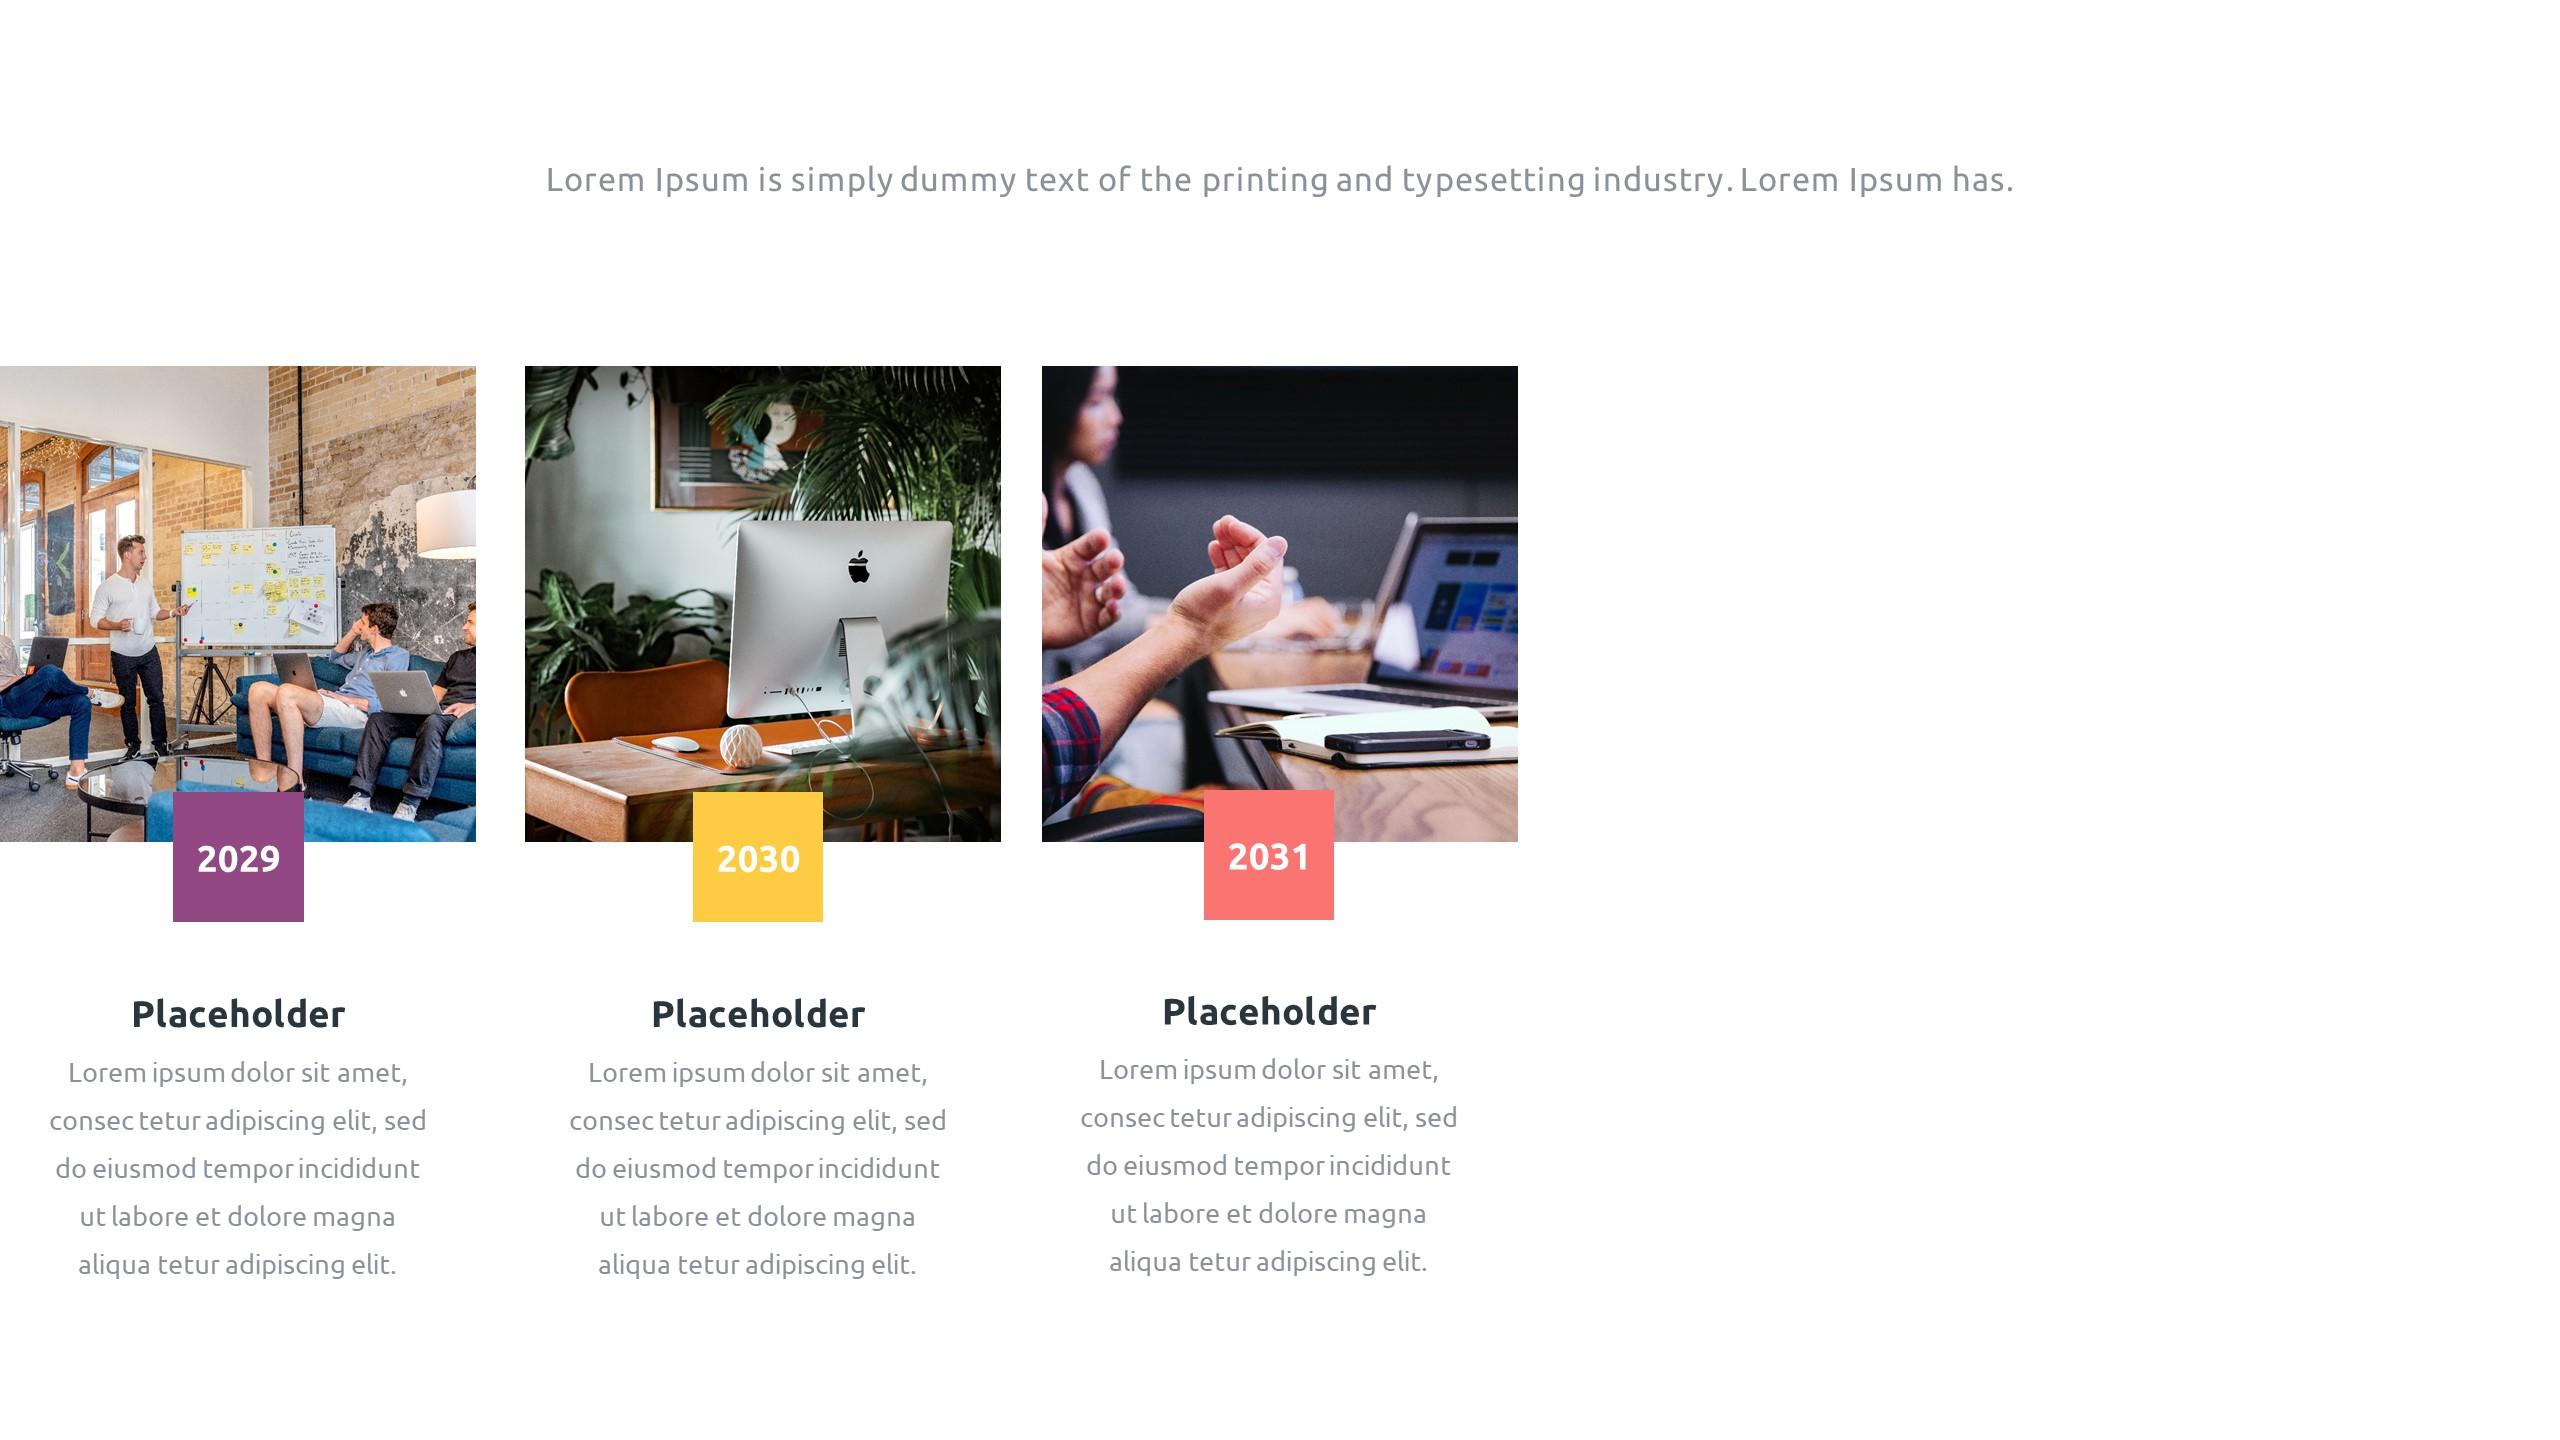 36 Timeline Presentation Templates: Powerpoint, Google Slides, Keynote - Slide10 1